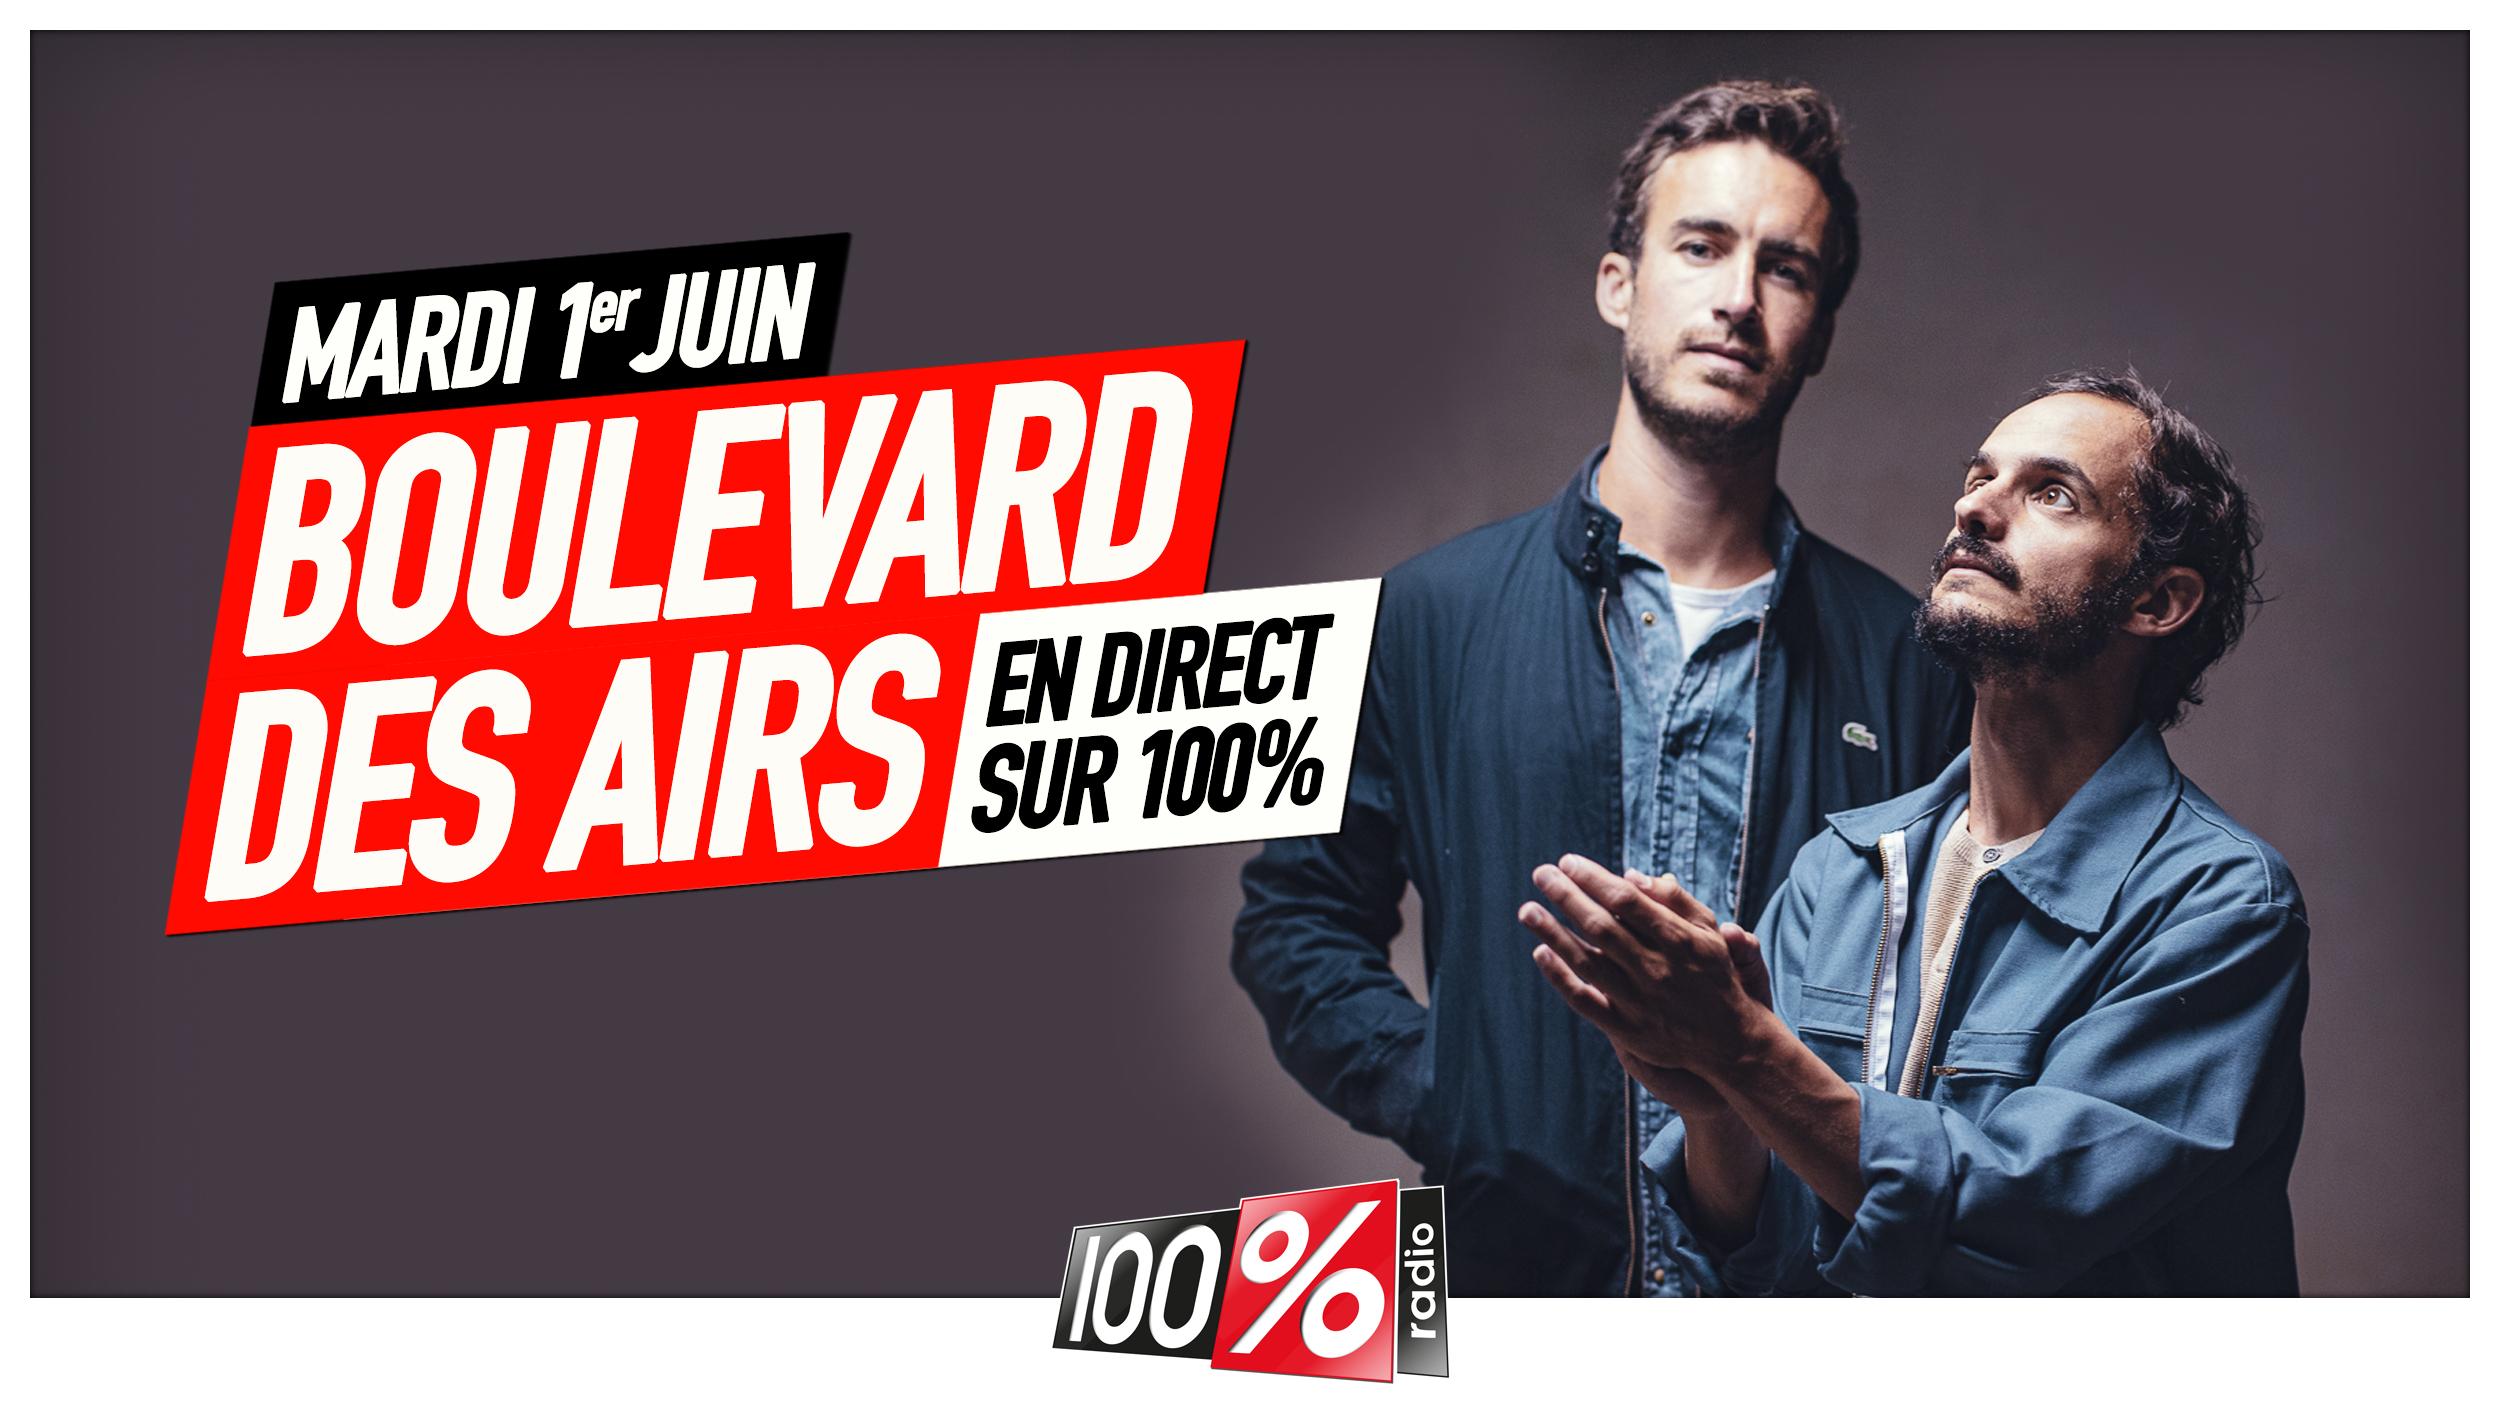 Le groupe Boulevard Des Airs fête ses 10 ans sur 100%